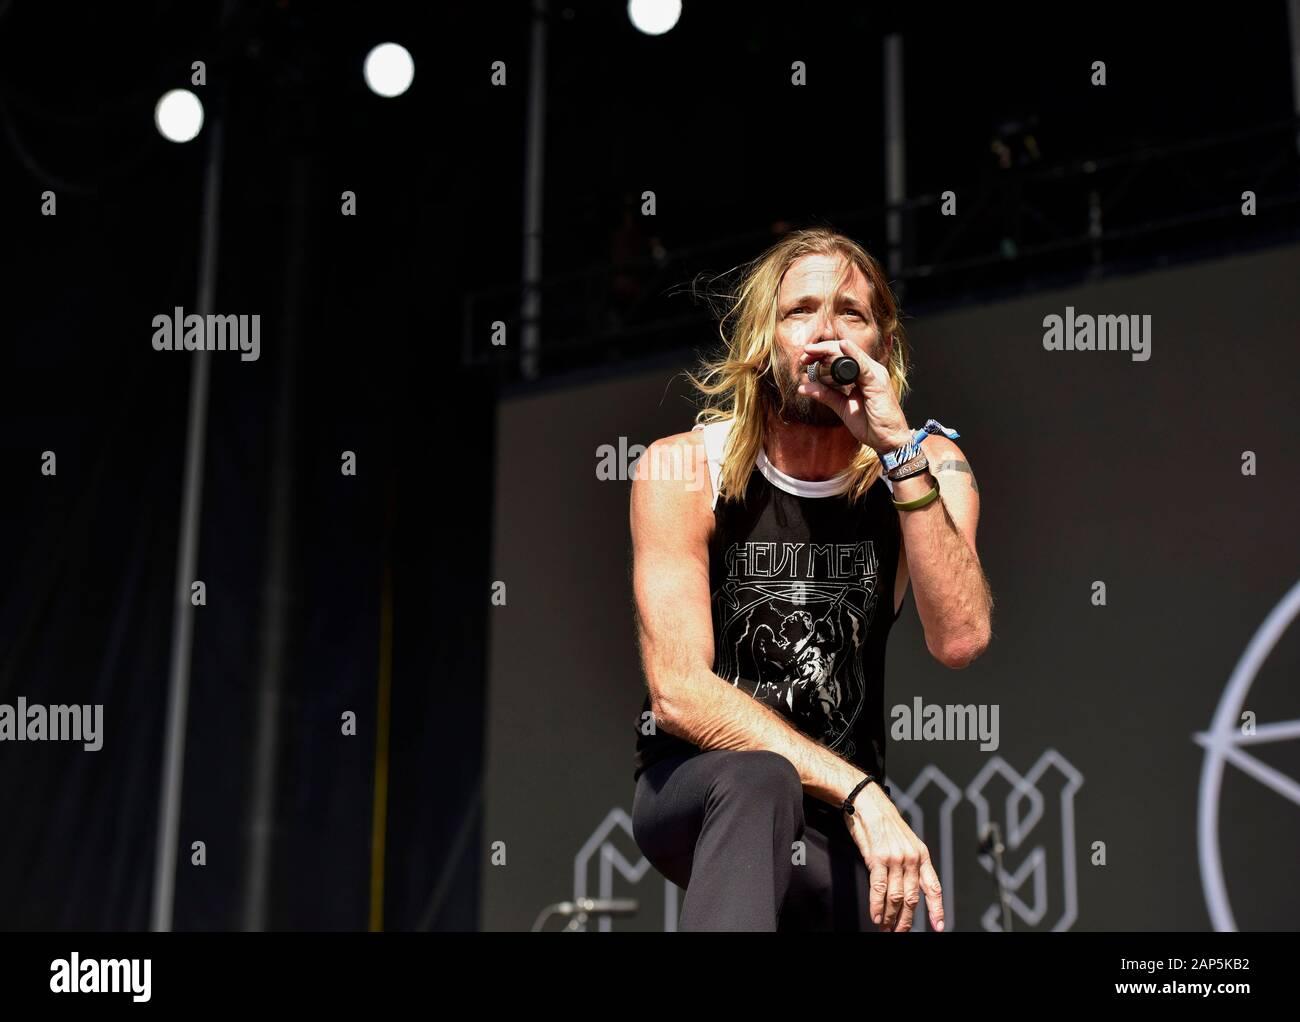 Taylor Hawkins sur scène avec son groupe Chevy métallique à l'Bottlerock Festival à Napa, en Californie. Banque D'Images